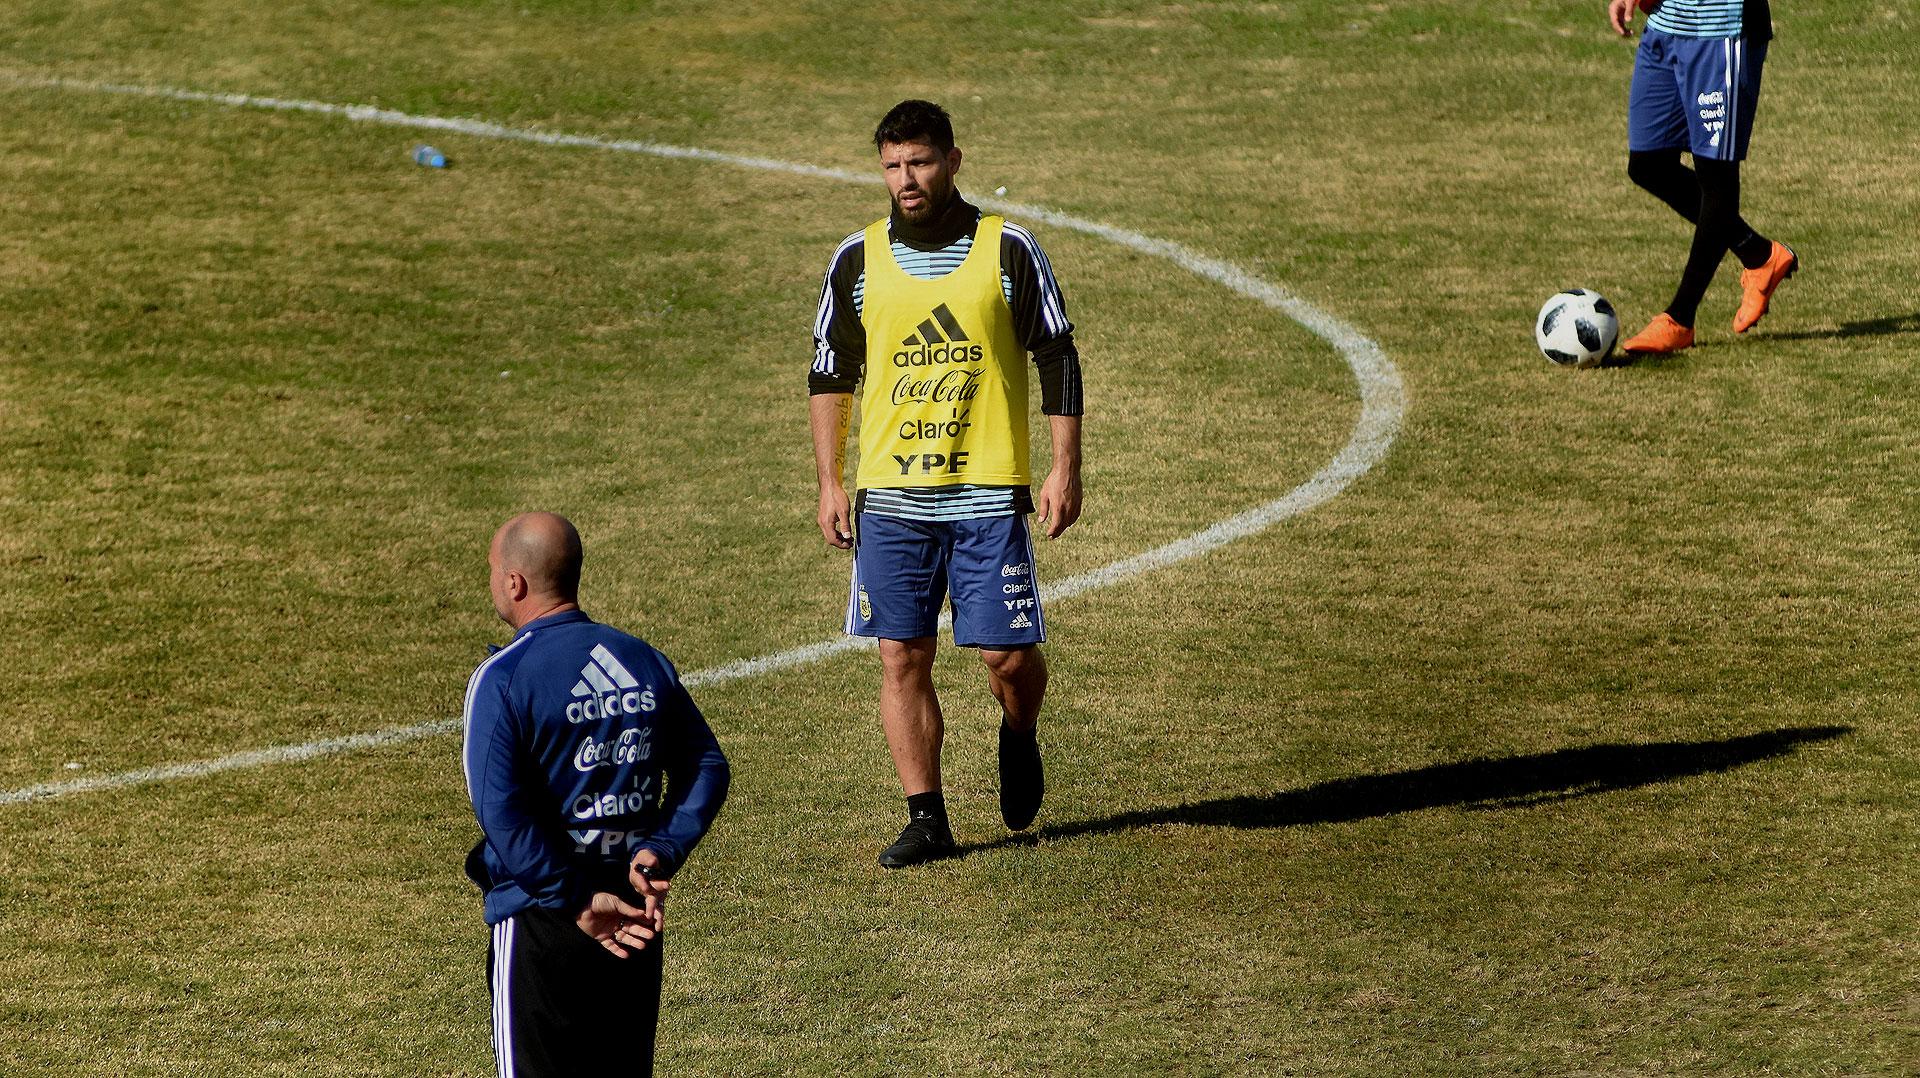 """Sergio Agüero evolucionó bien de su lesión en la rodilla. Dijo: """"Por suerte estoy bastante bien. Tuve una semana intensa de entrenamiento para saber cómo mejora la rodilla. Ya empecé a entrenar con el equipo normalmente"""""""